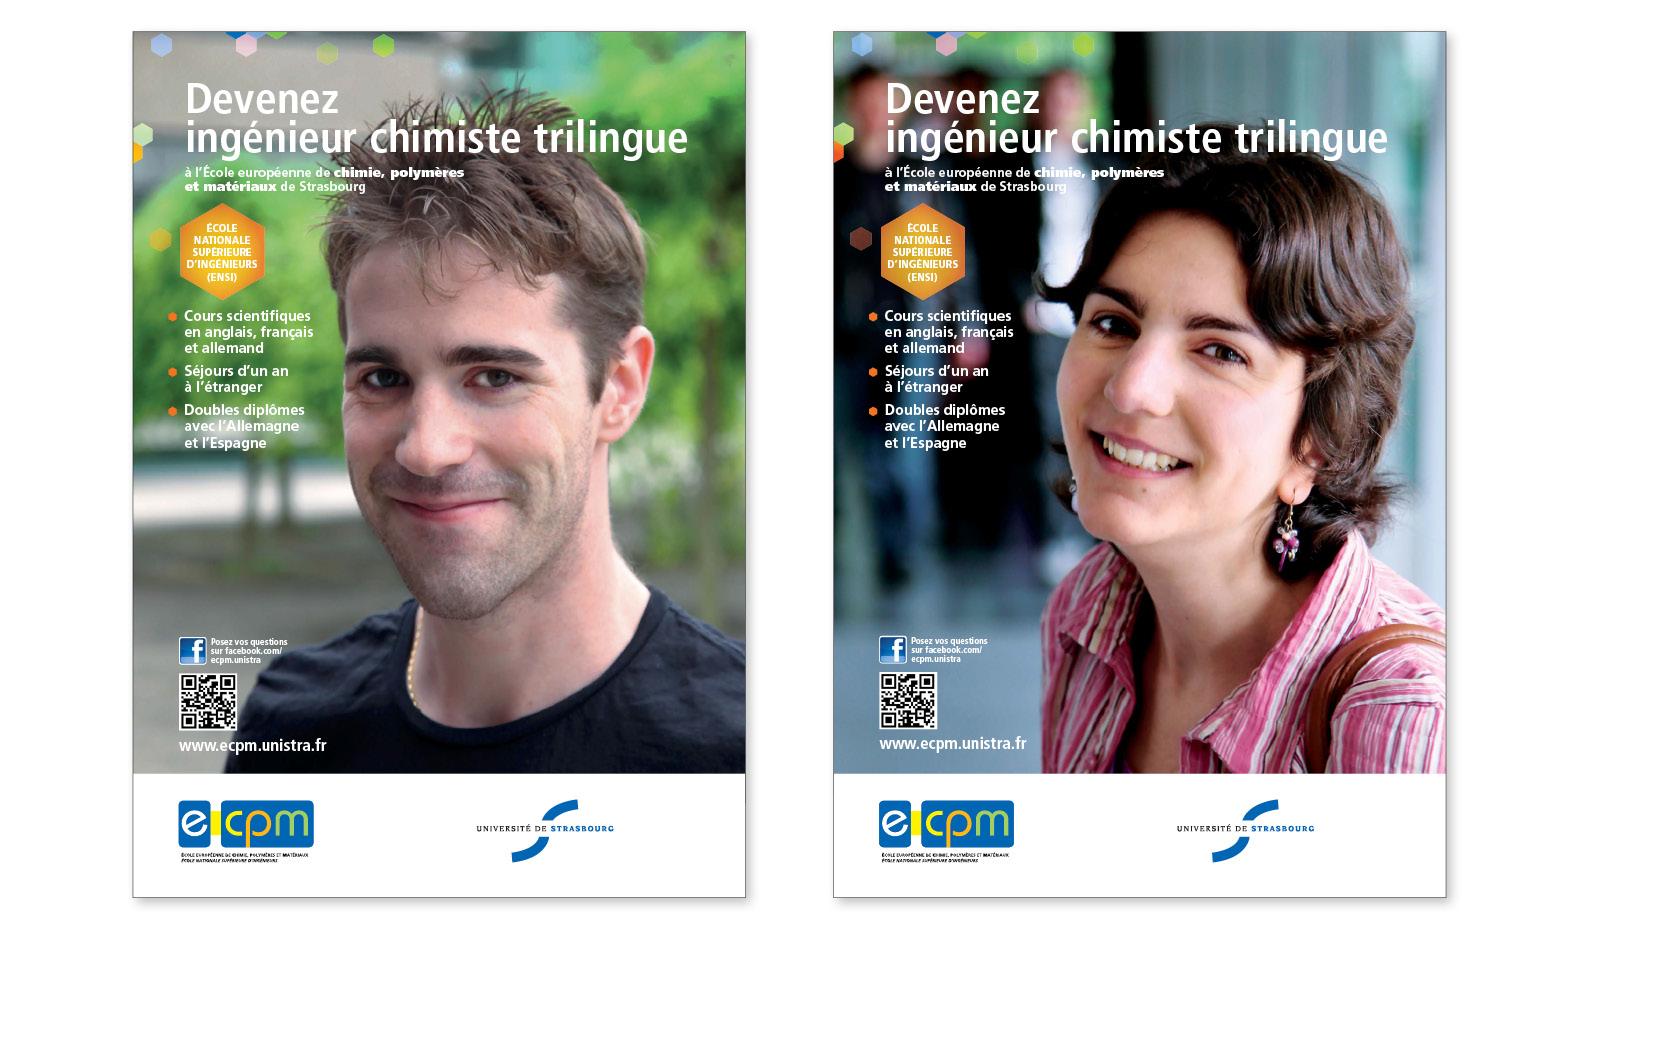 Affiches à destination des étudiants, École européenne de chimie, polymères et matériaux, Université de Strasbourg, 2012 et 2013.